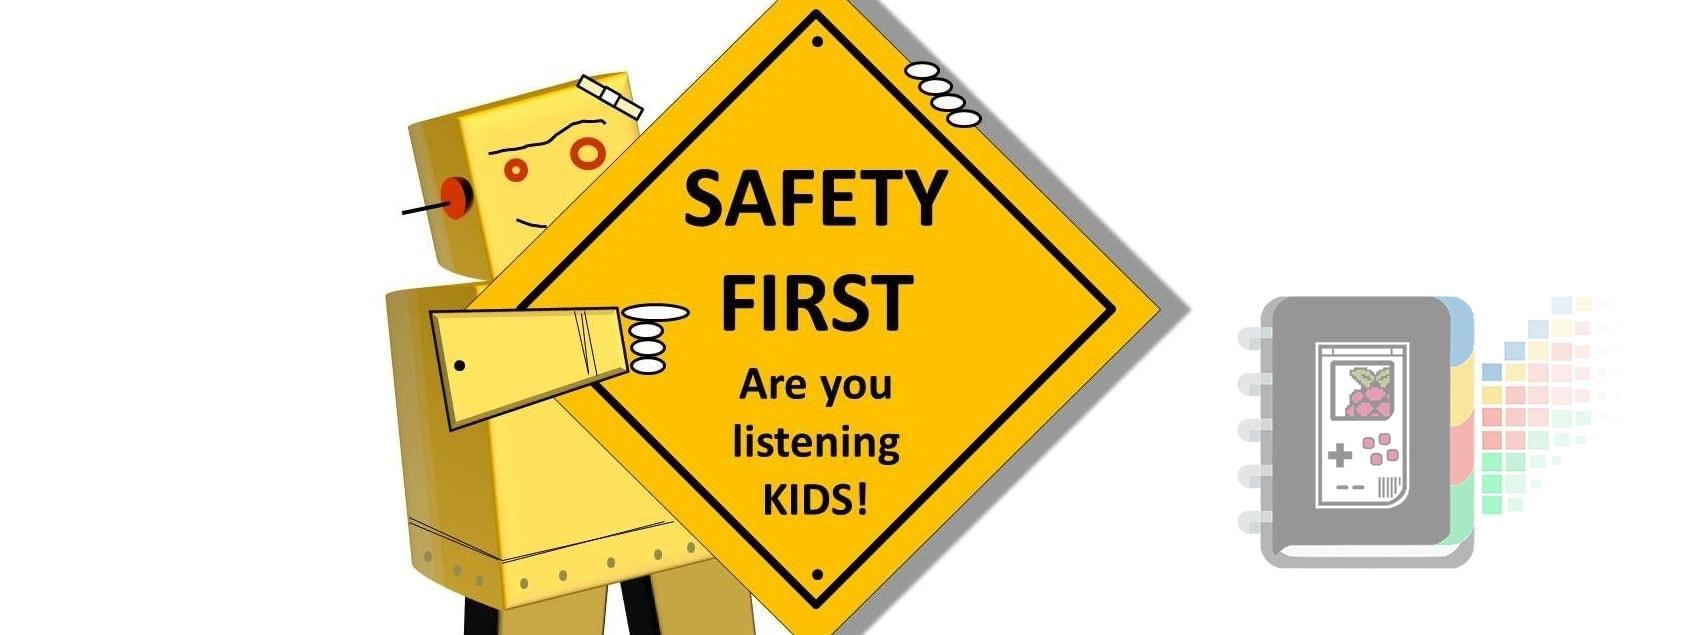 d0b82b84f2105d Wichtig  Beim Entfernen von Case-Teilen mit der Dremelmaschine oder einer  Laubsäge immer Augenschutz tragen! Teile können absplittern und das Auge  treffen!